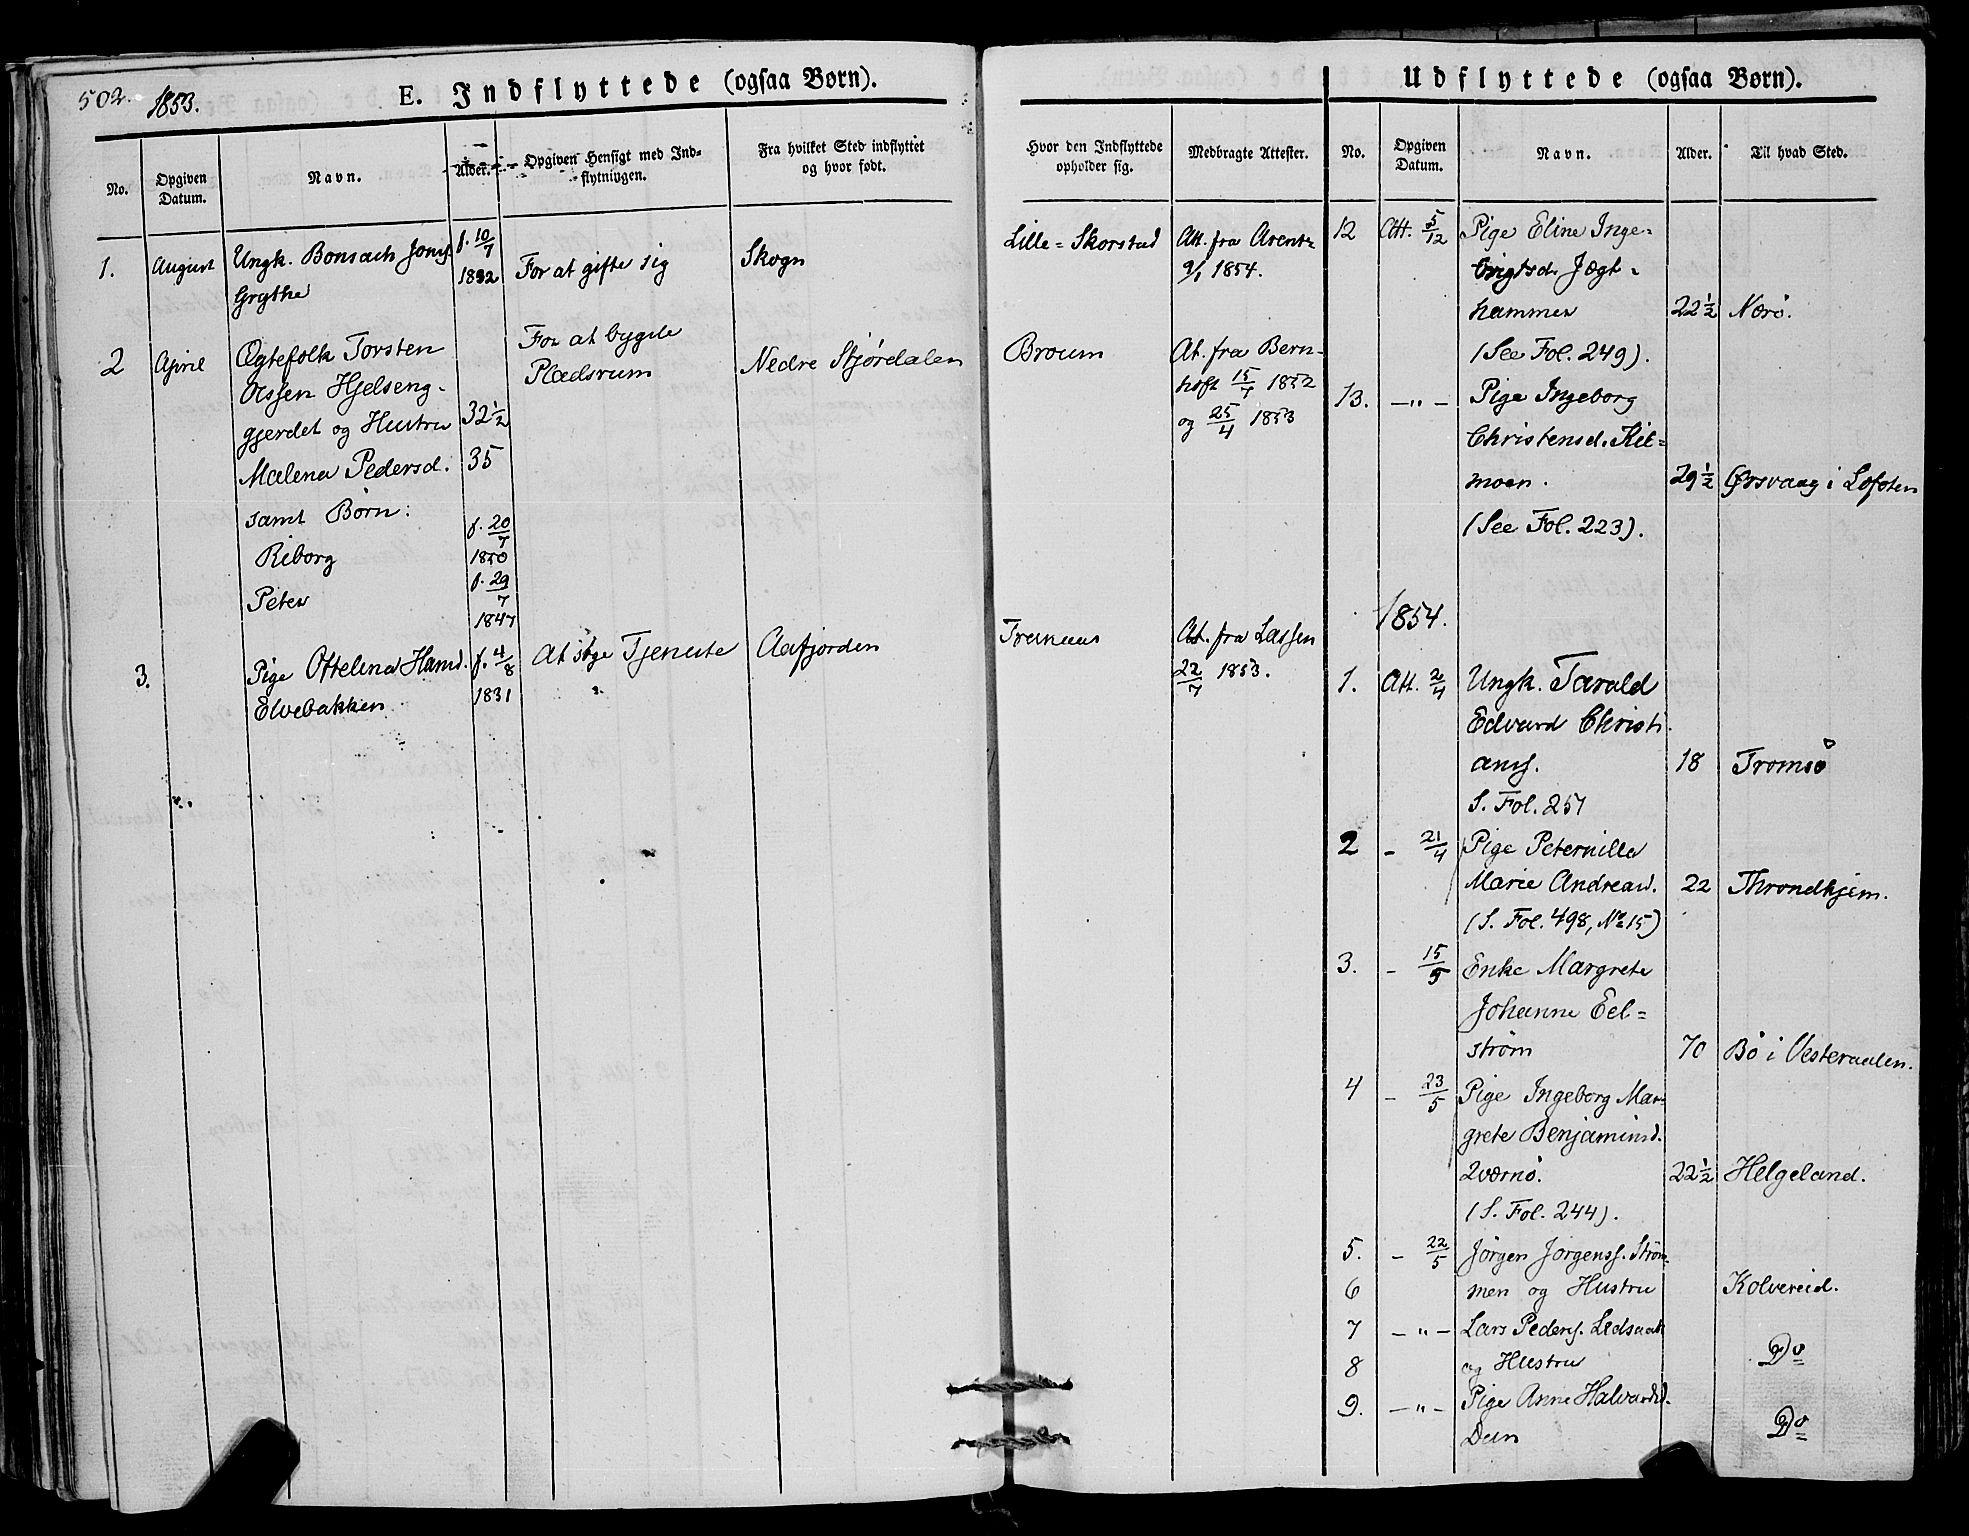 SAT, Ministerialprotokoller, klokkerbøker og fødselsregistre - Nord-Trøndelag, 773/L0614: Ministerialbok nr. 773A05, 1831-1856, s. 502